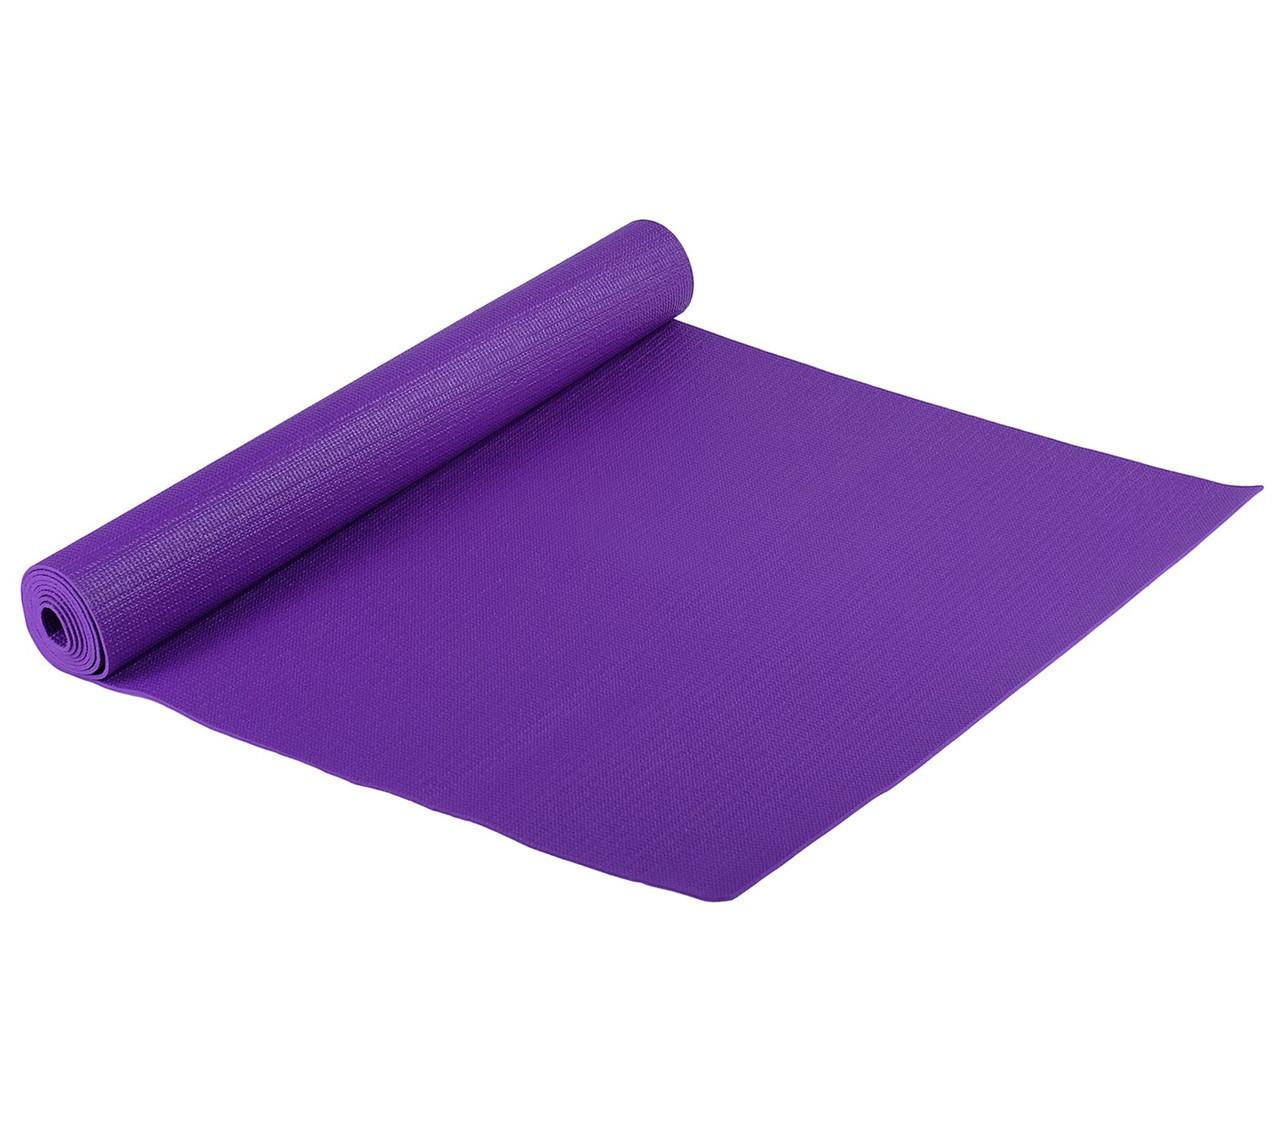 Классический многофункциональный коврик для йоги MS 1846-1 Фиолетовый | йогамат | йога мат |коврик для фитнеса